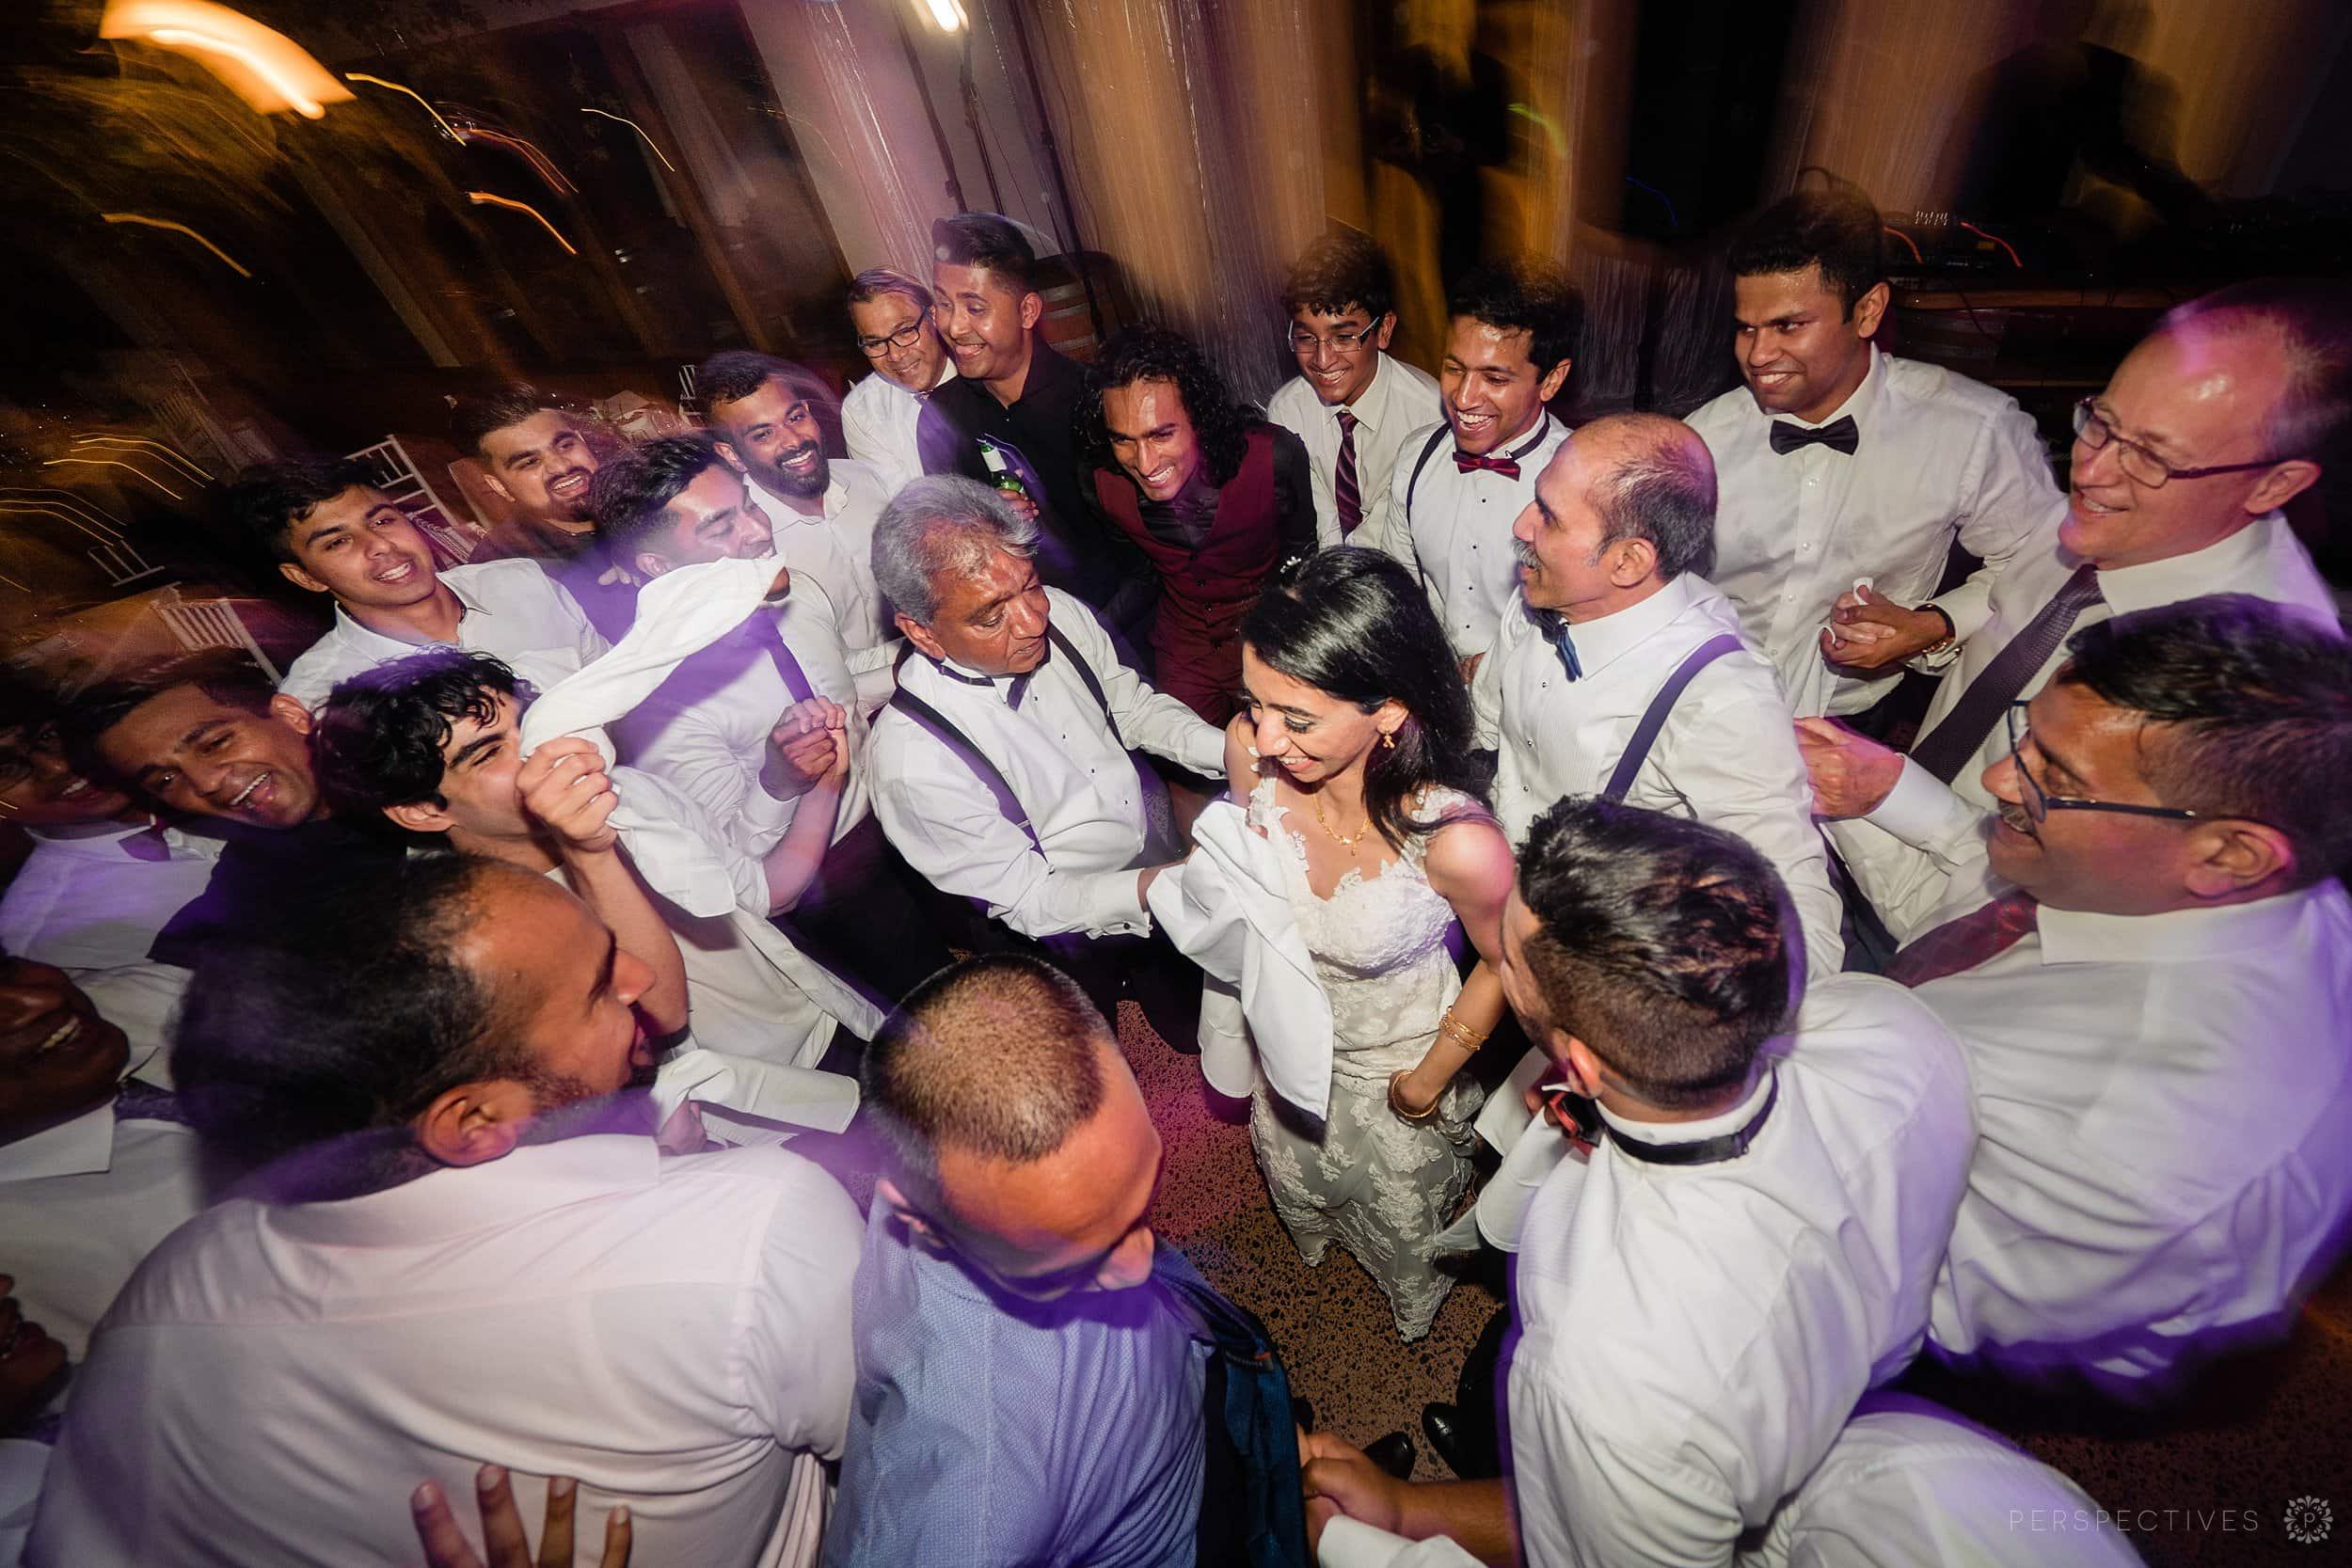 Markovina wedding reception venue